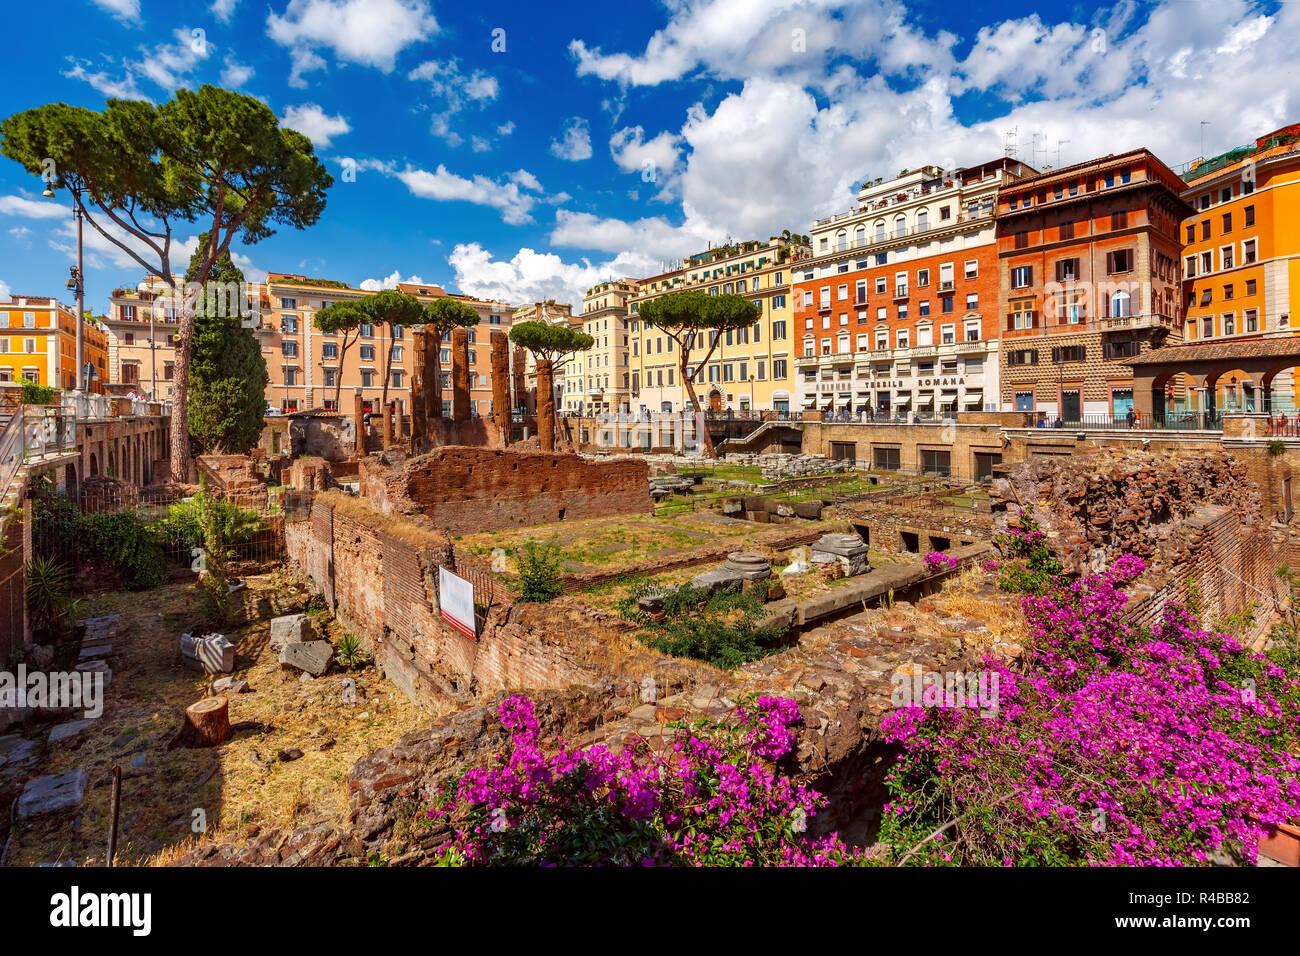 Largo di Torre Argentina, Rome, Italy - Stock Image